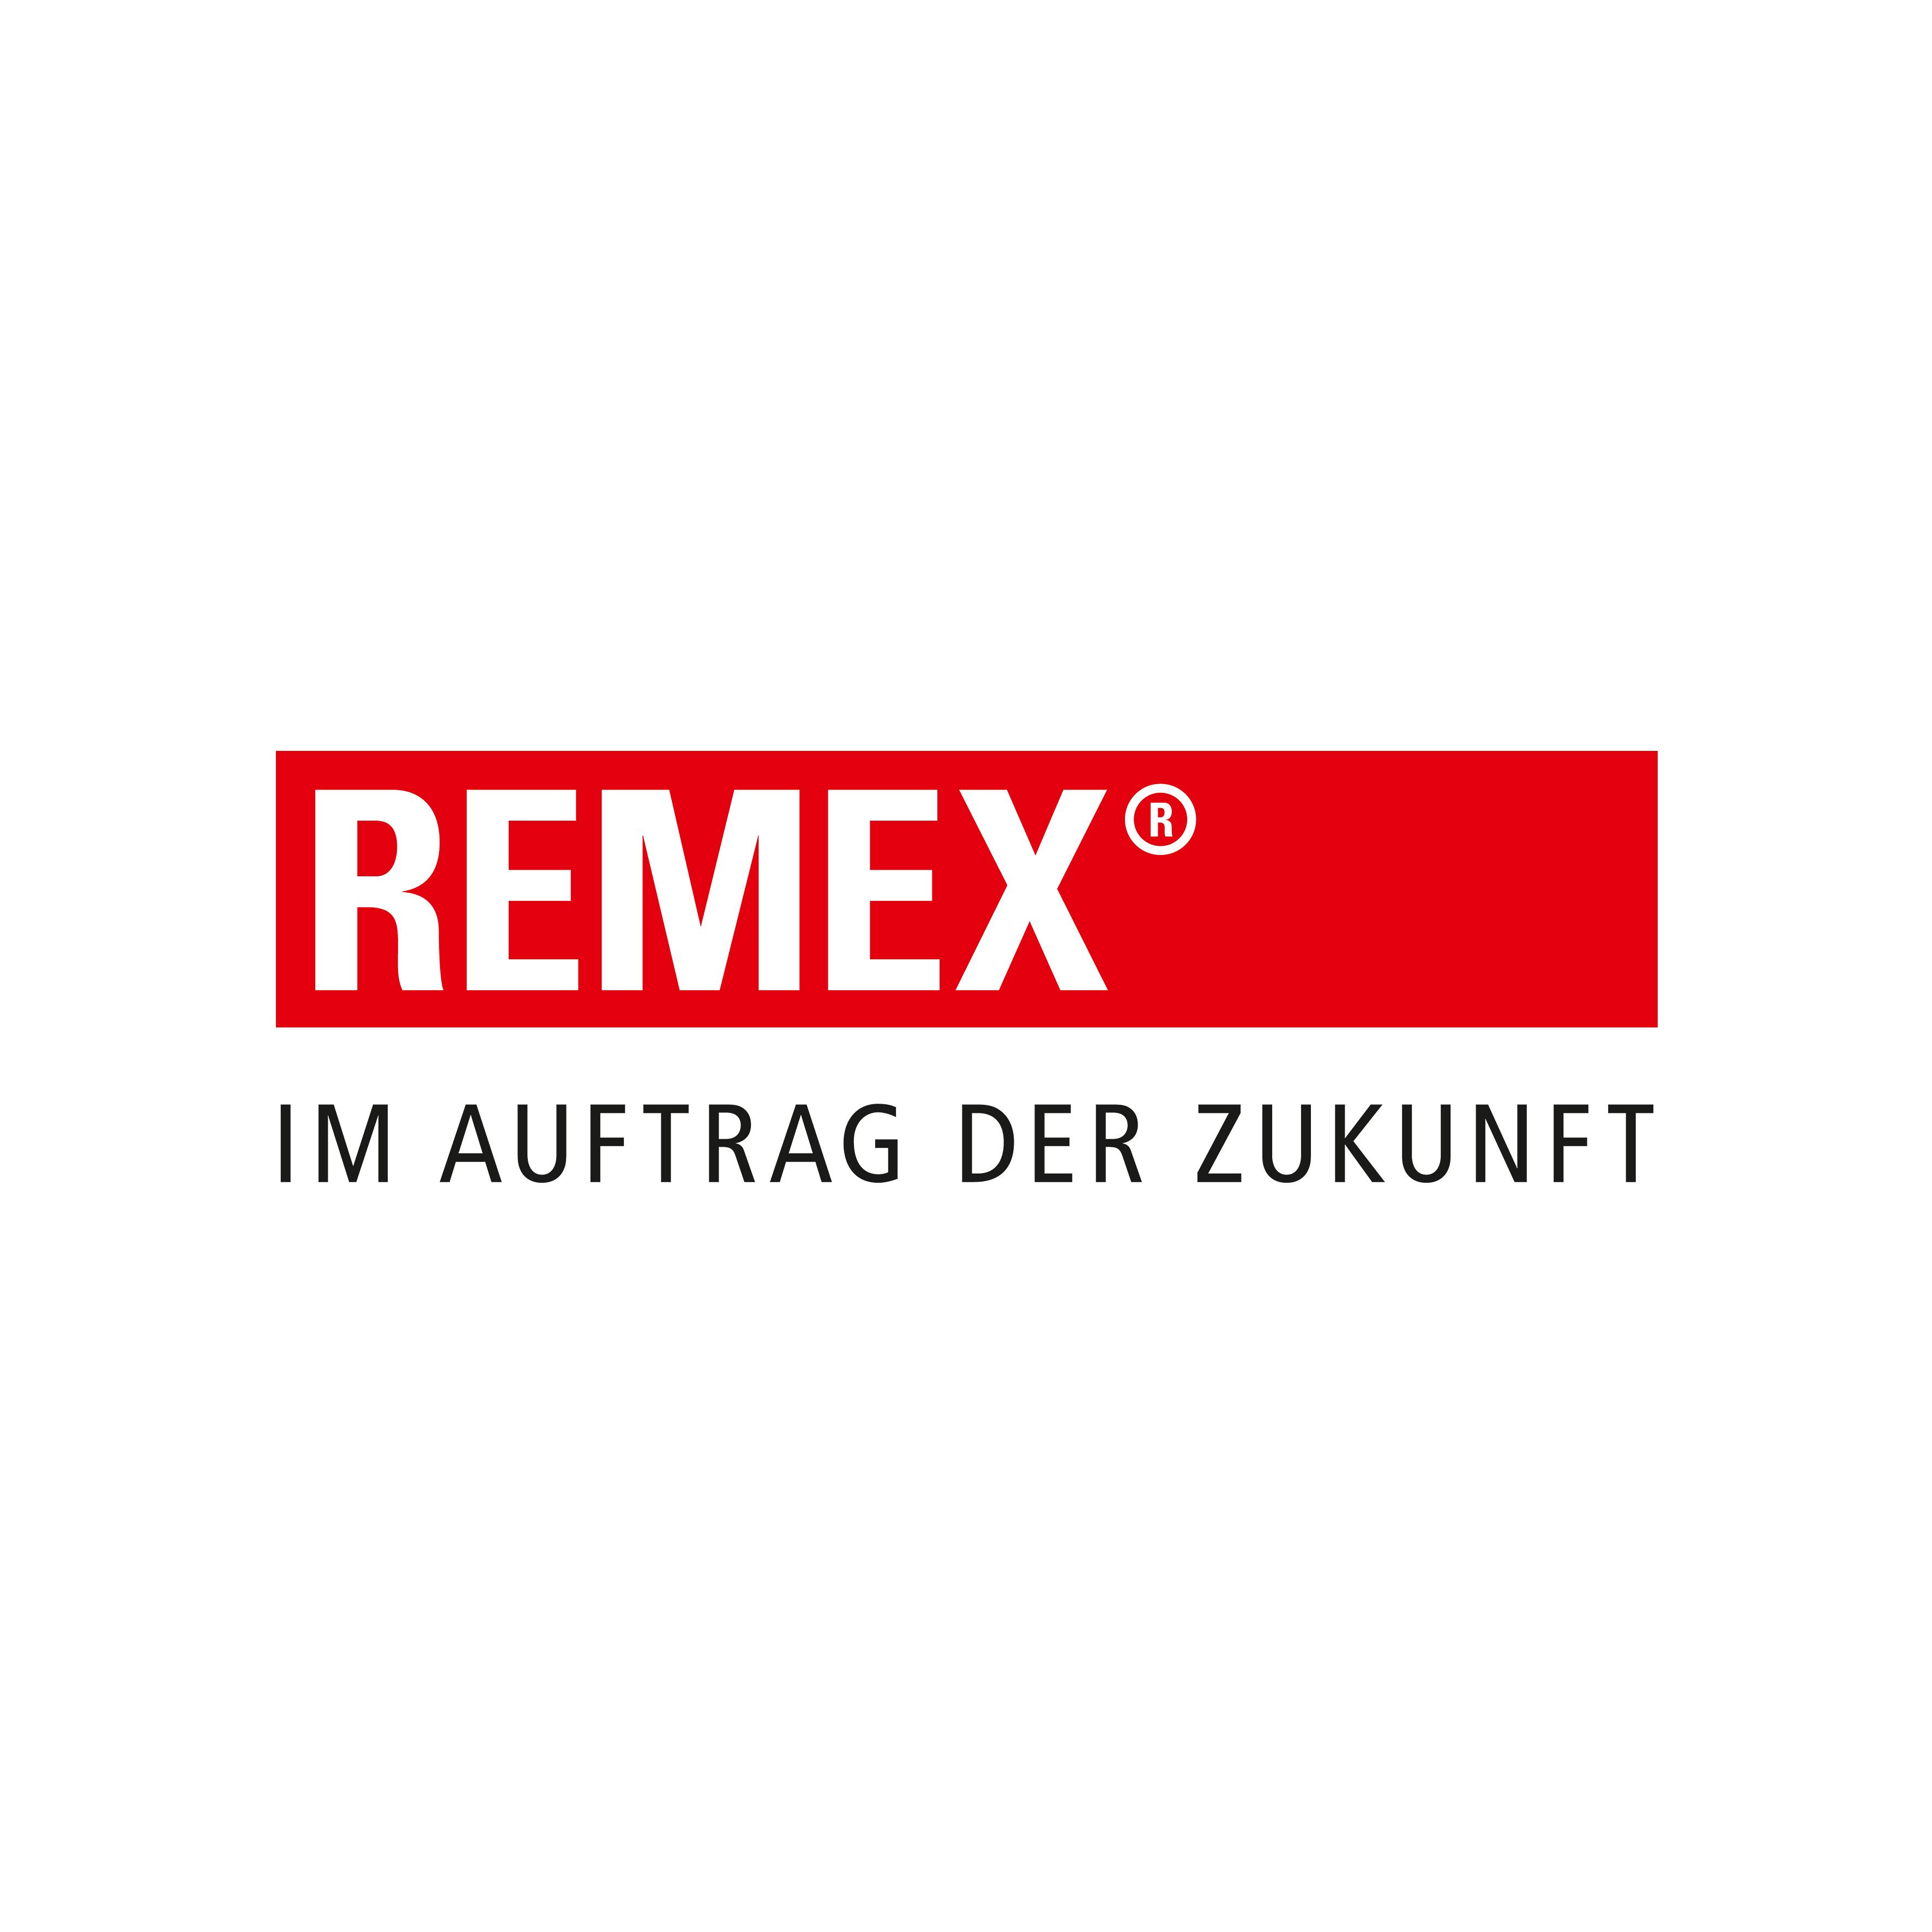 REMEX SüdWest GmbH